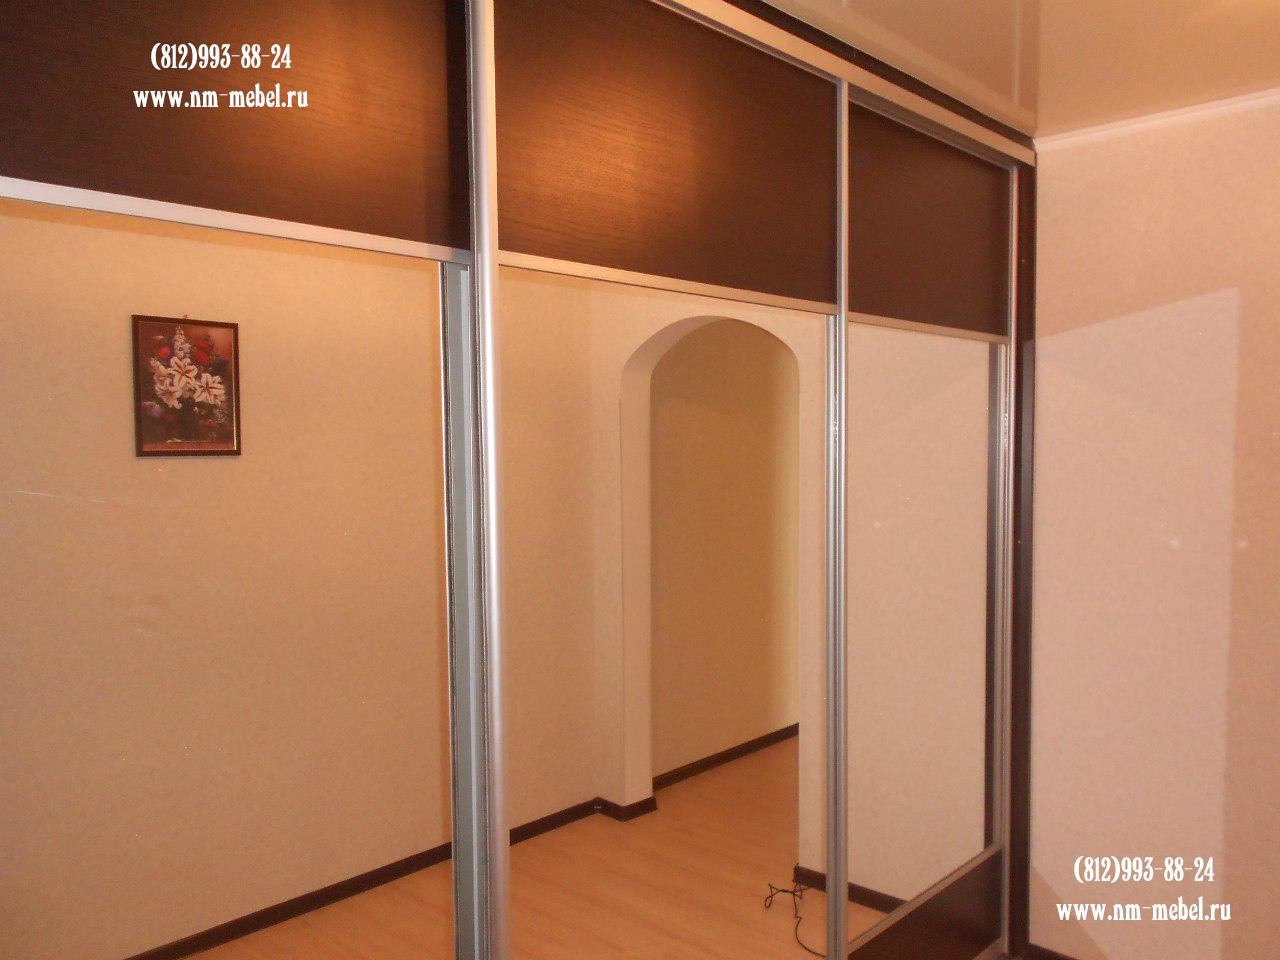 Недорогие шкафы купе в санкт-петербурге. двери для шкафа куп.